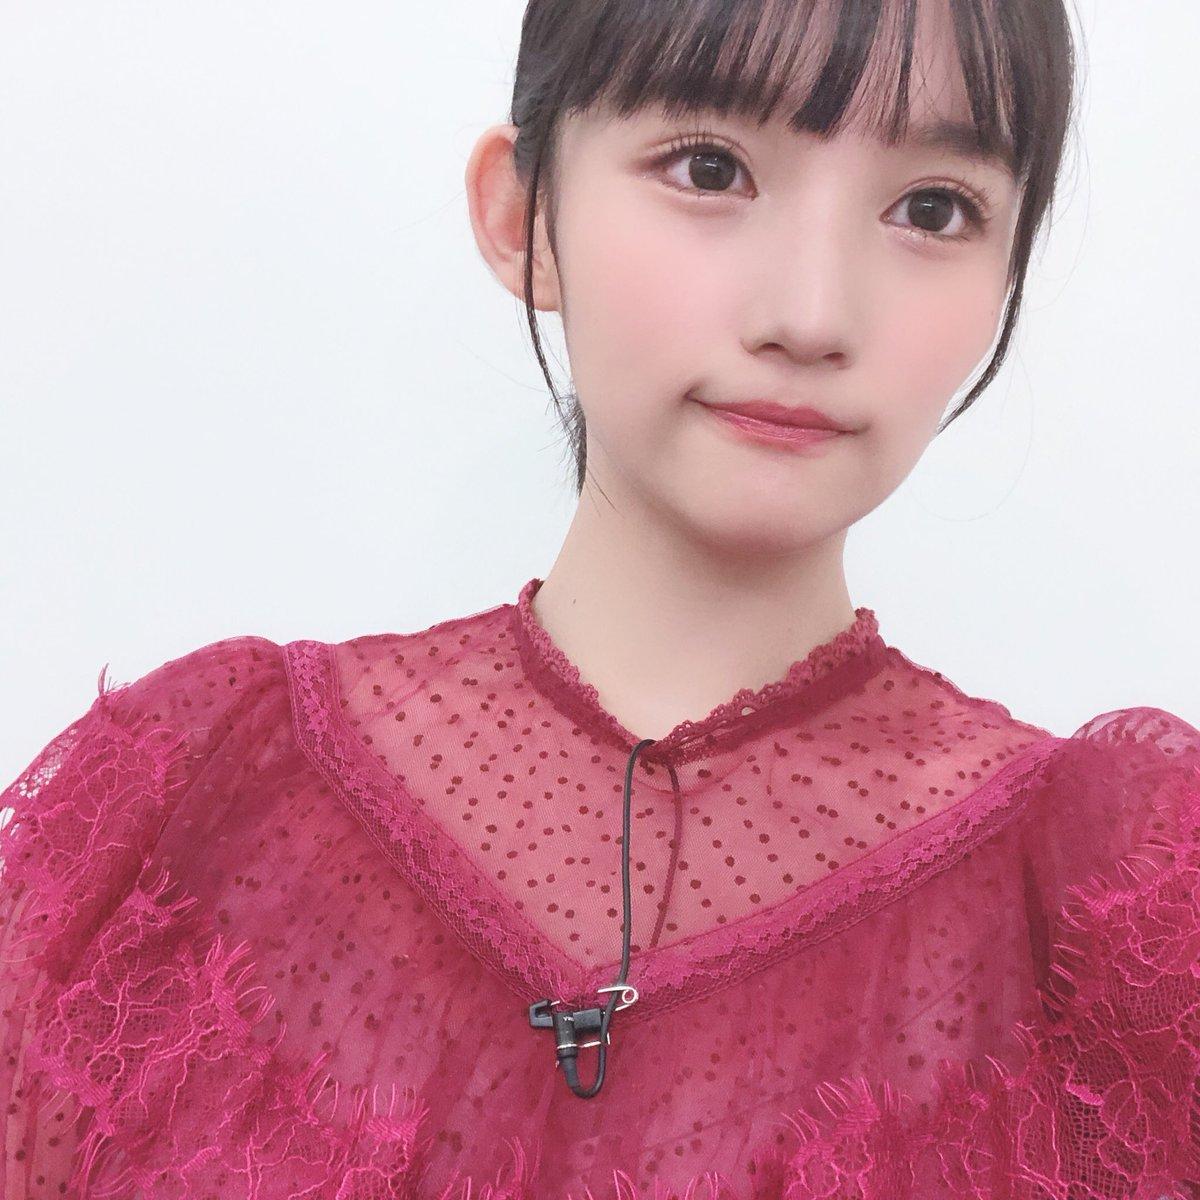 🌸 9/22放送の #行列の出来る法律相談所 に出演させていただきます!収録では、髪を結んでみたよ〜☺️#AKB48 #サステナブル